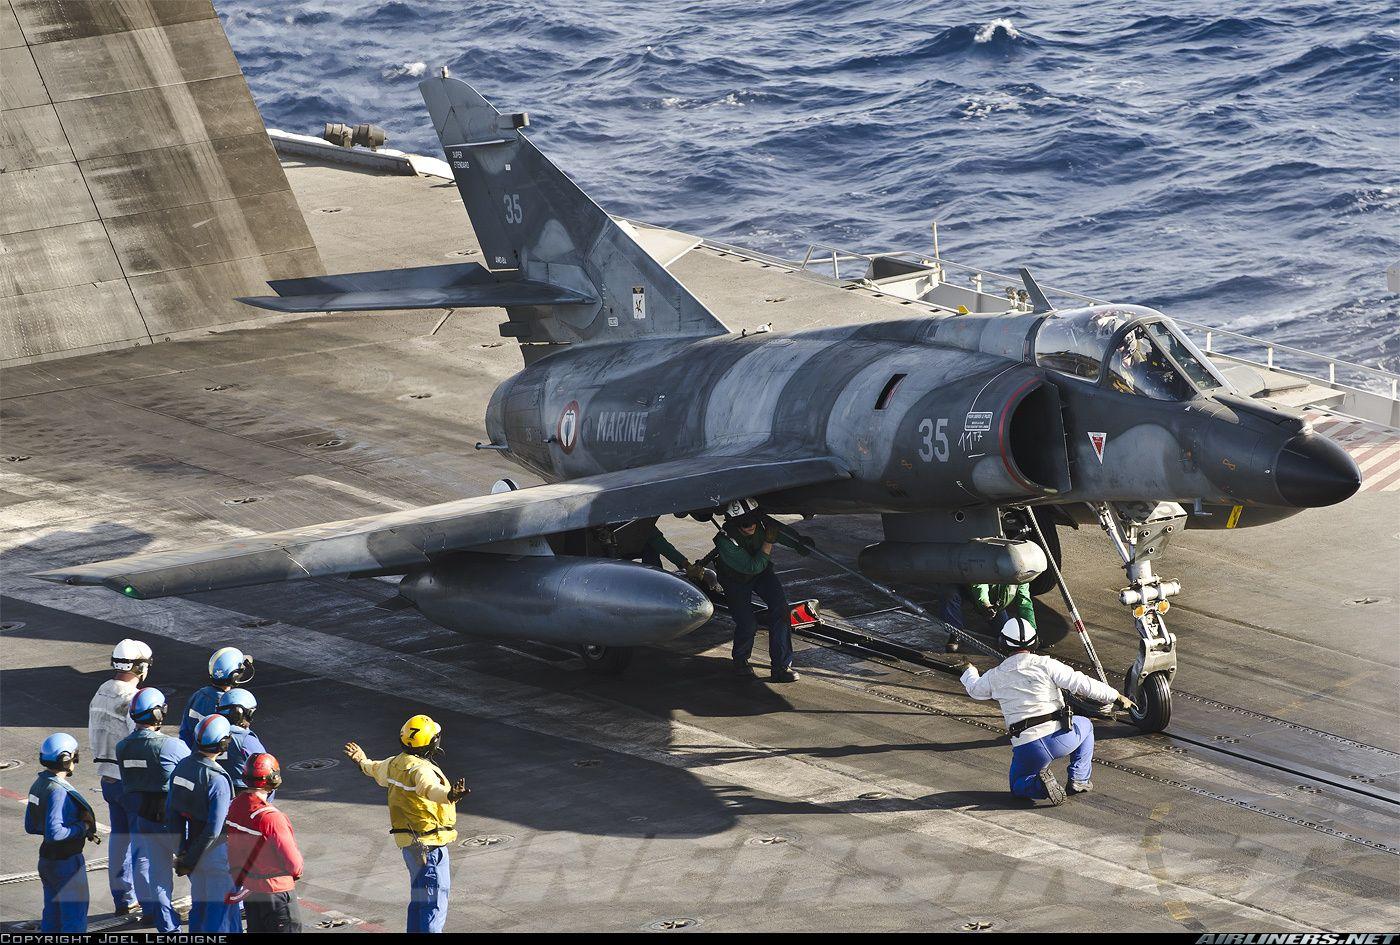 Photos Dassault Super Etendard Aircraft Pictures Airliners Net Avion De Chasse Avion De Combat Armee De L Air